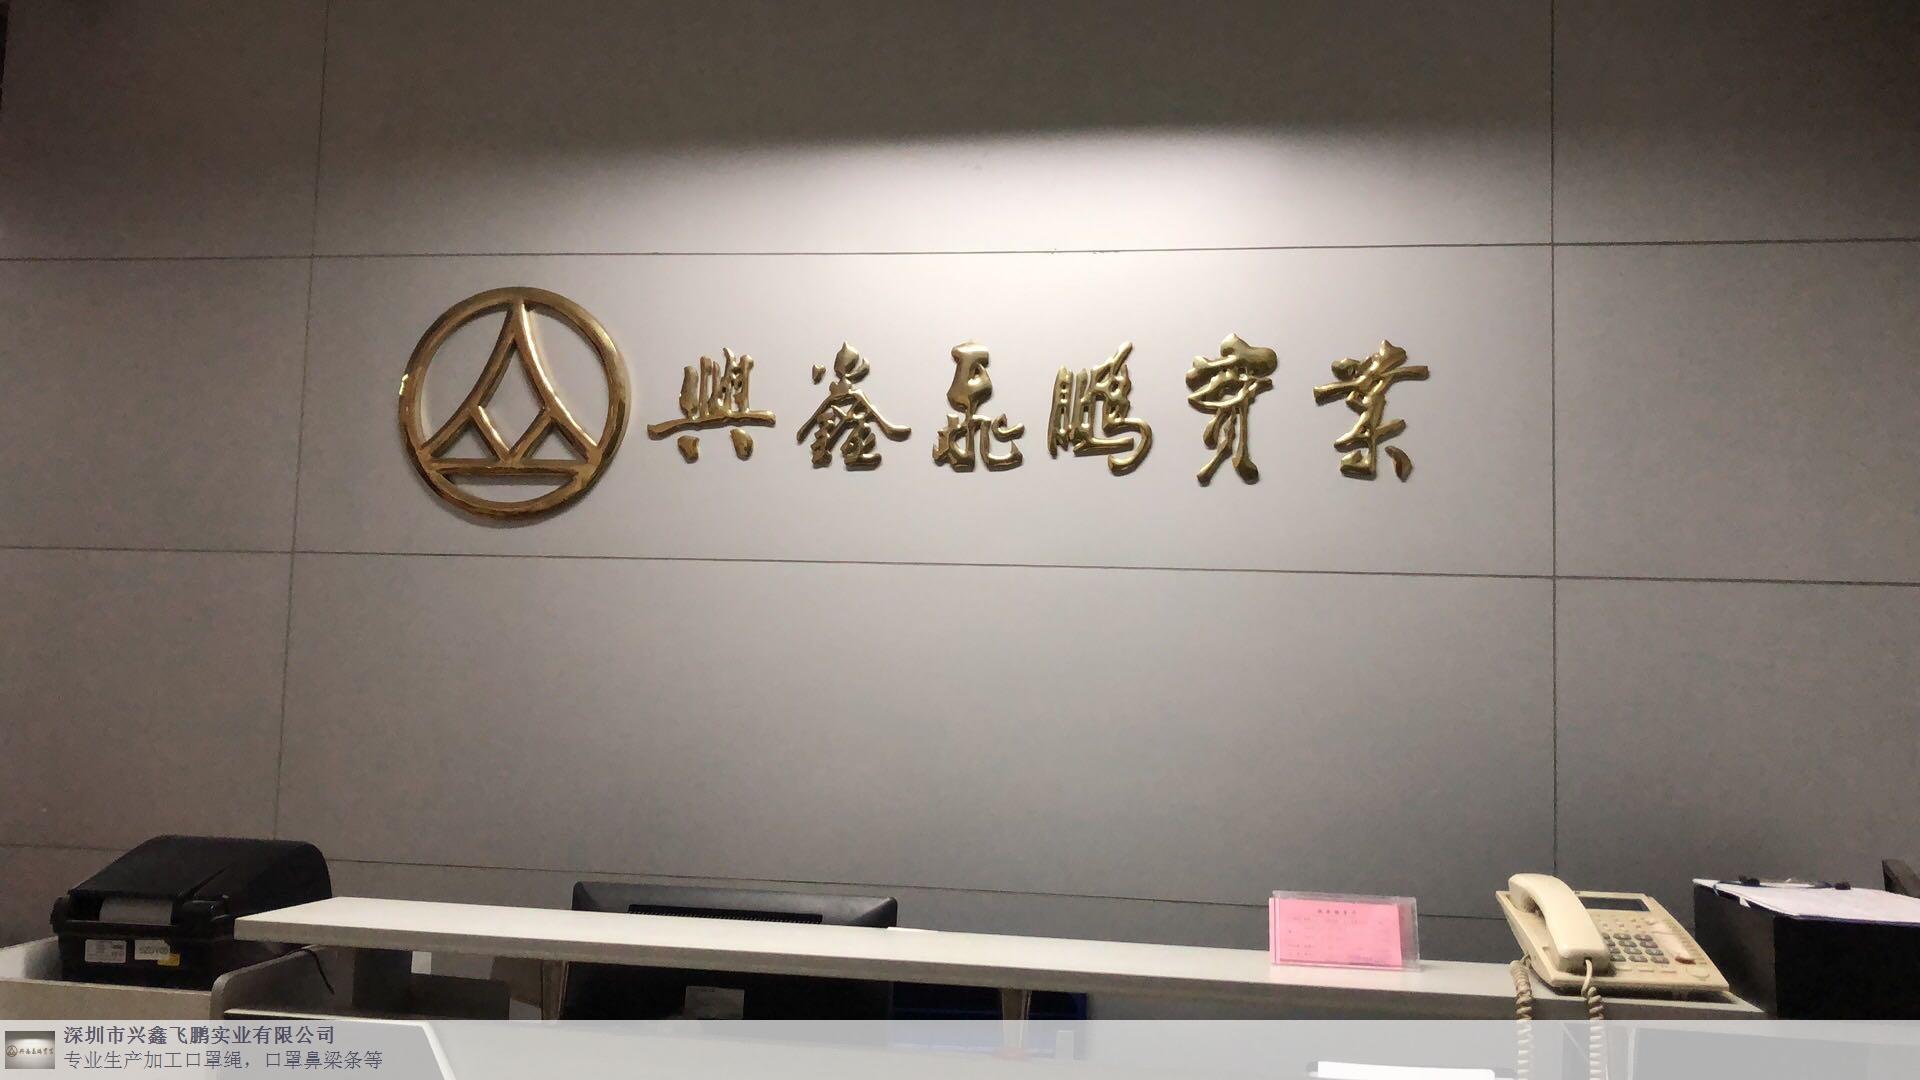 罗湖库存鼻梁条高品质选择「 深圳市兴鑫飞鹏实业供应」